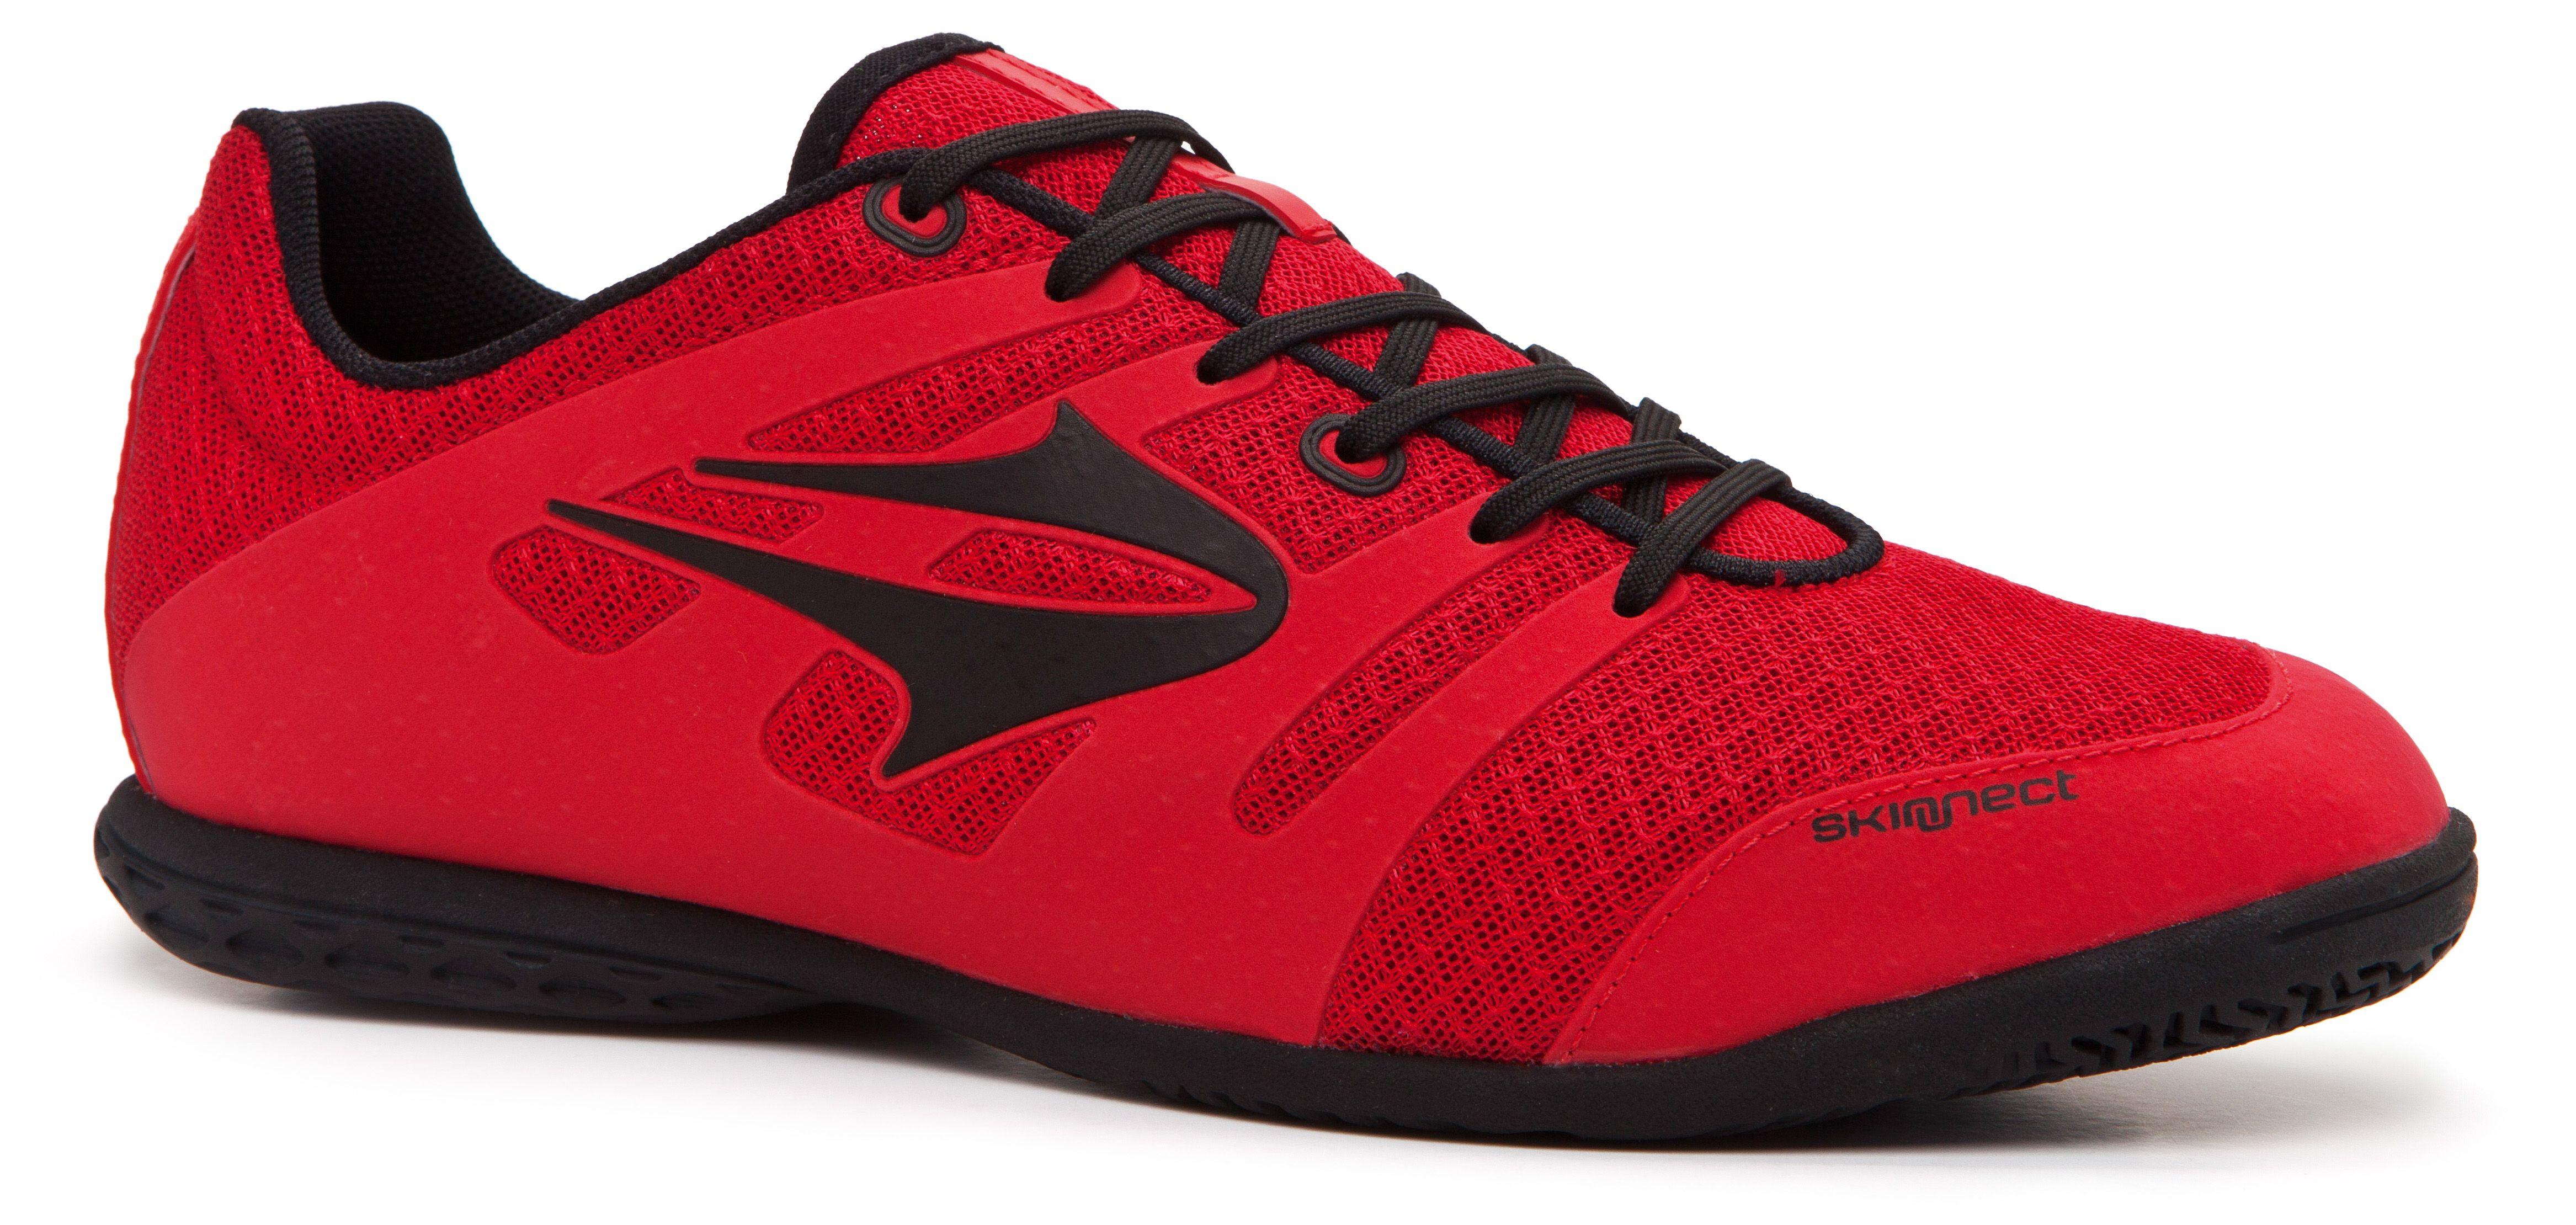 15ca7399fe8 2015 Chuteira Topper Letra futsal vermelha preta